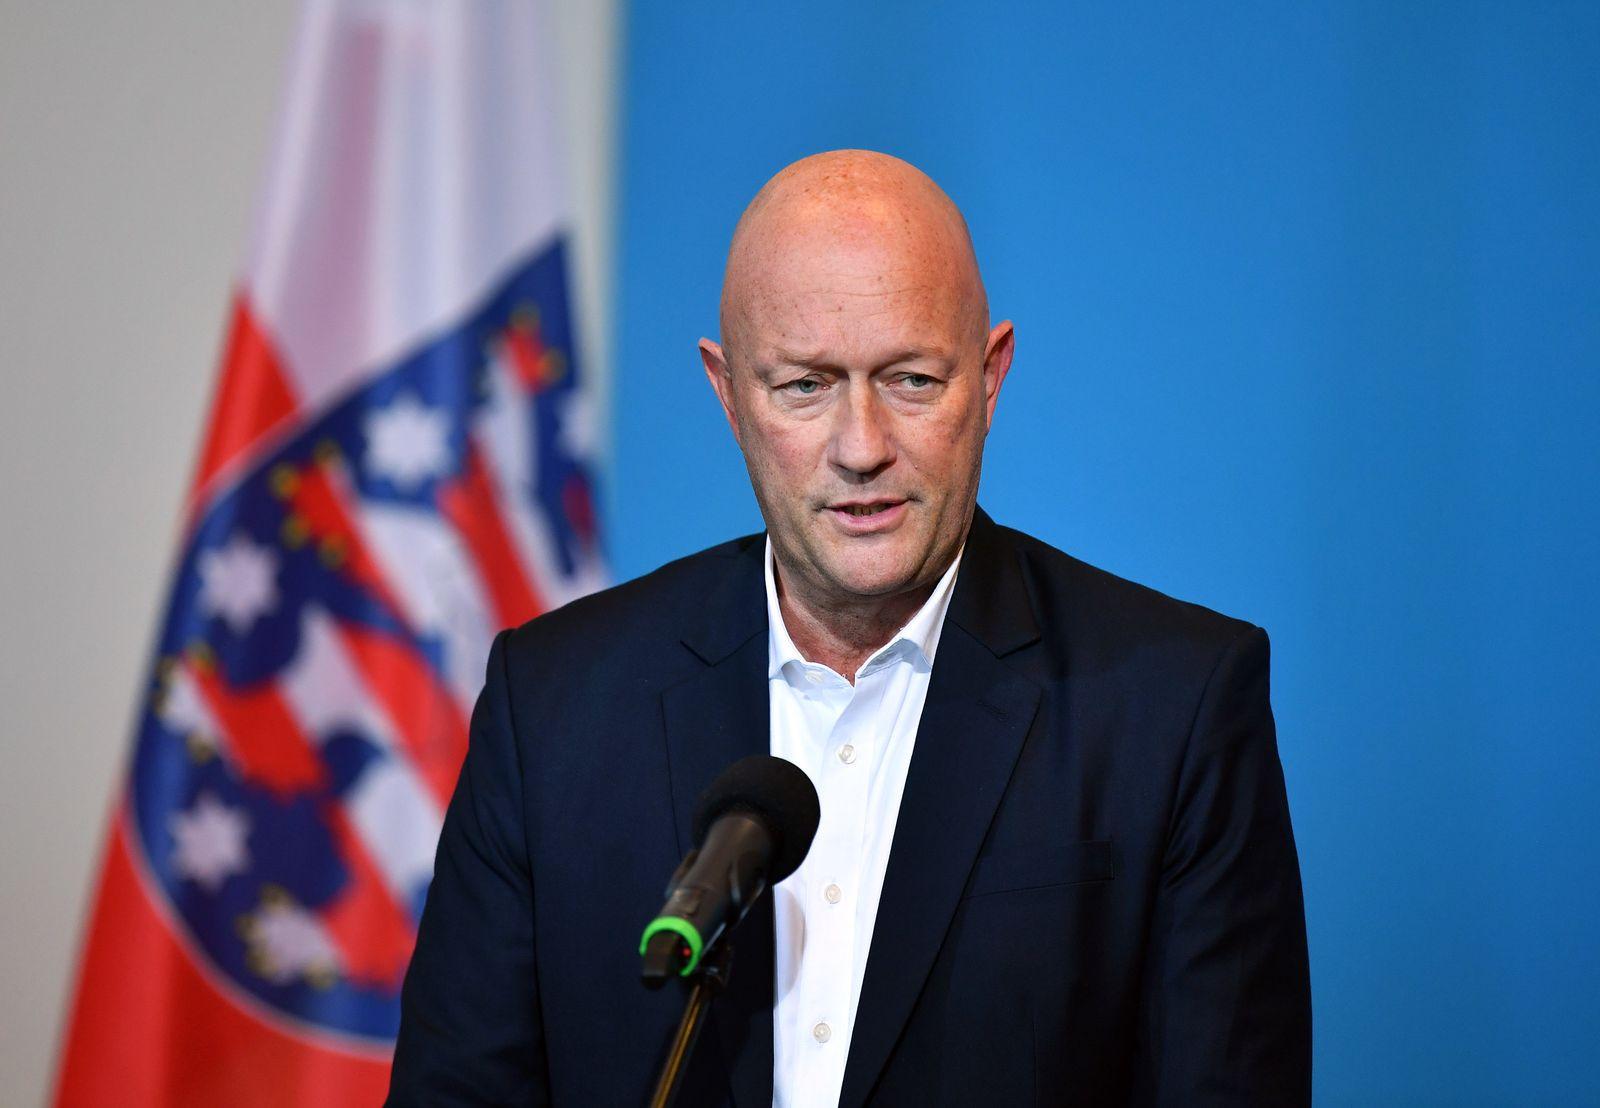 Ministerpräsidentenwahl in Thüringen